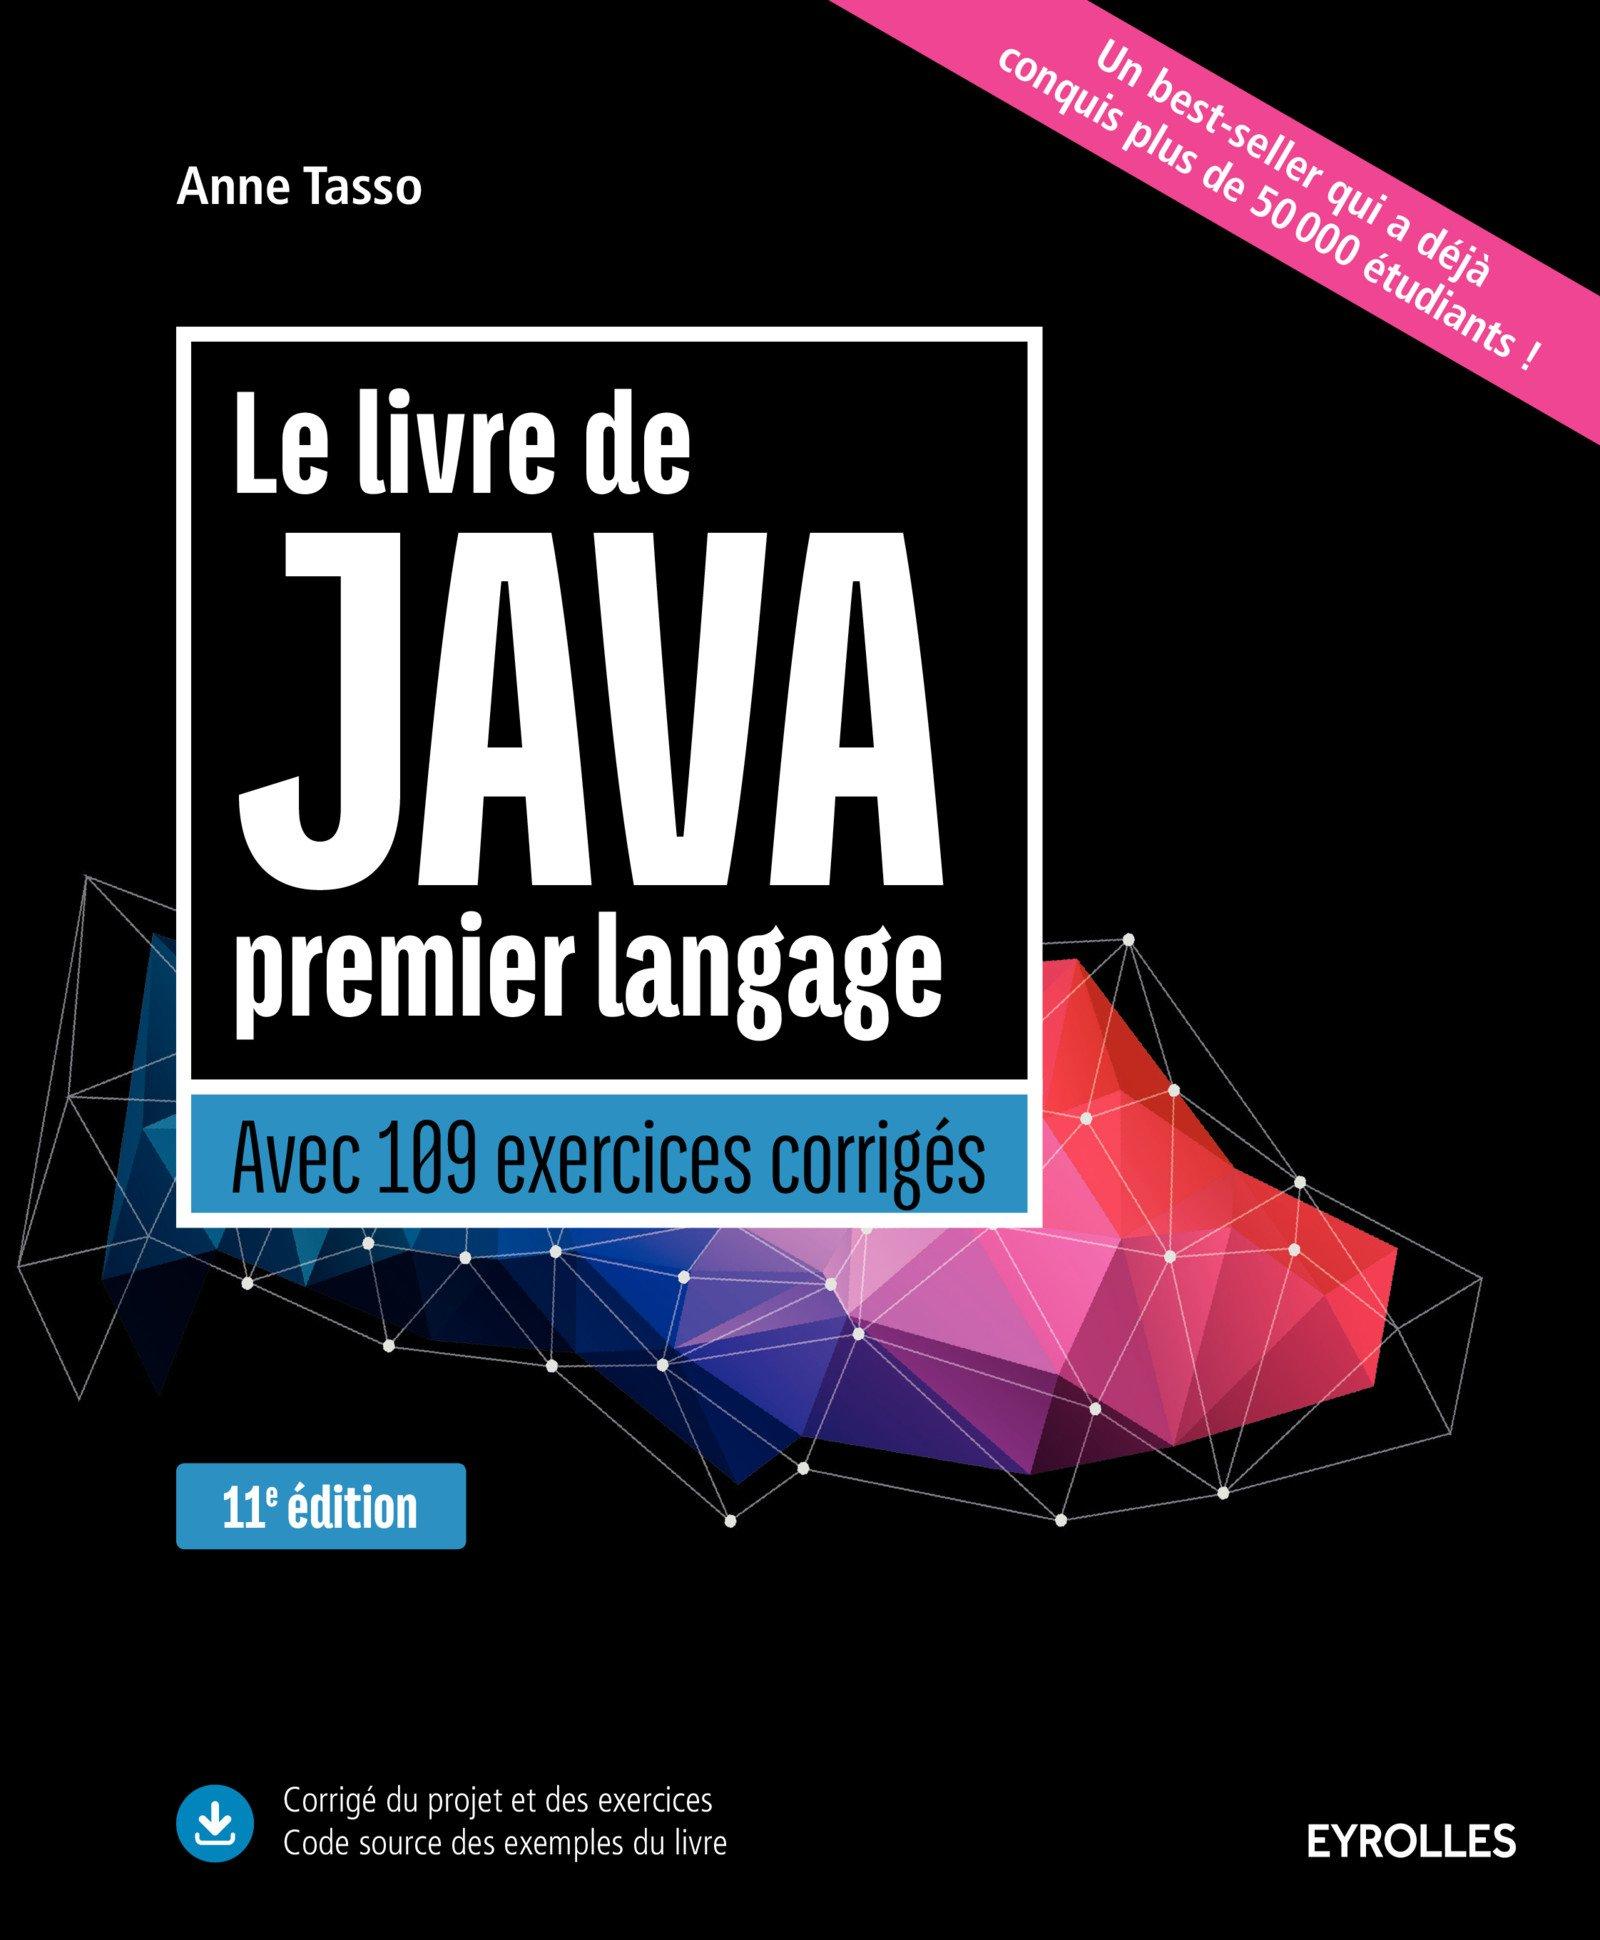 Le livre de Java premier langage - Avec 109 exercices corrigés